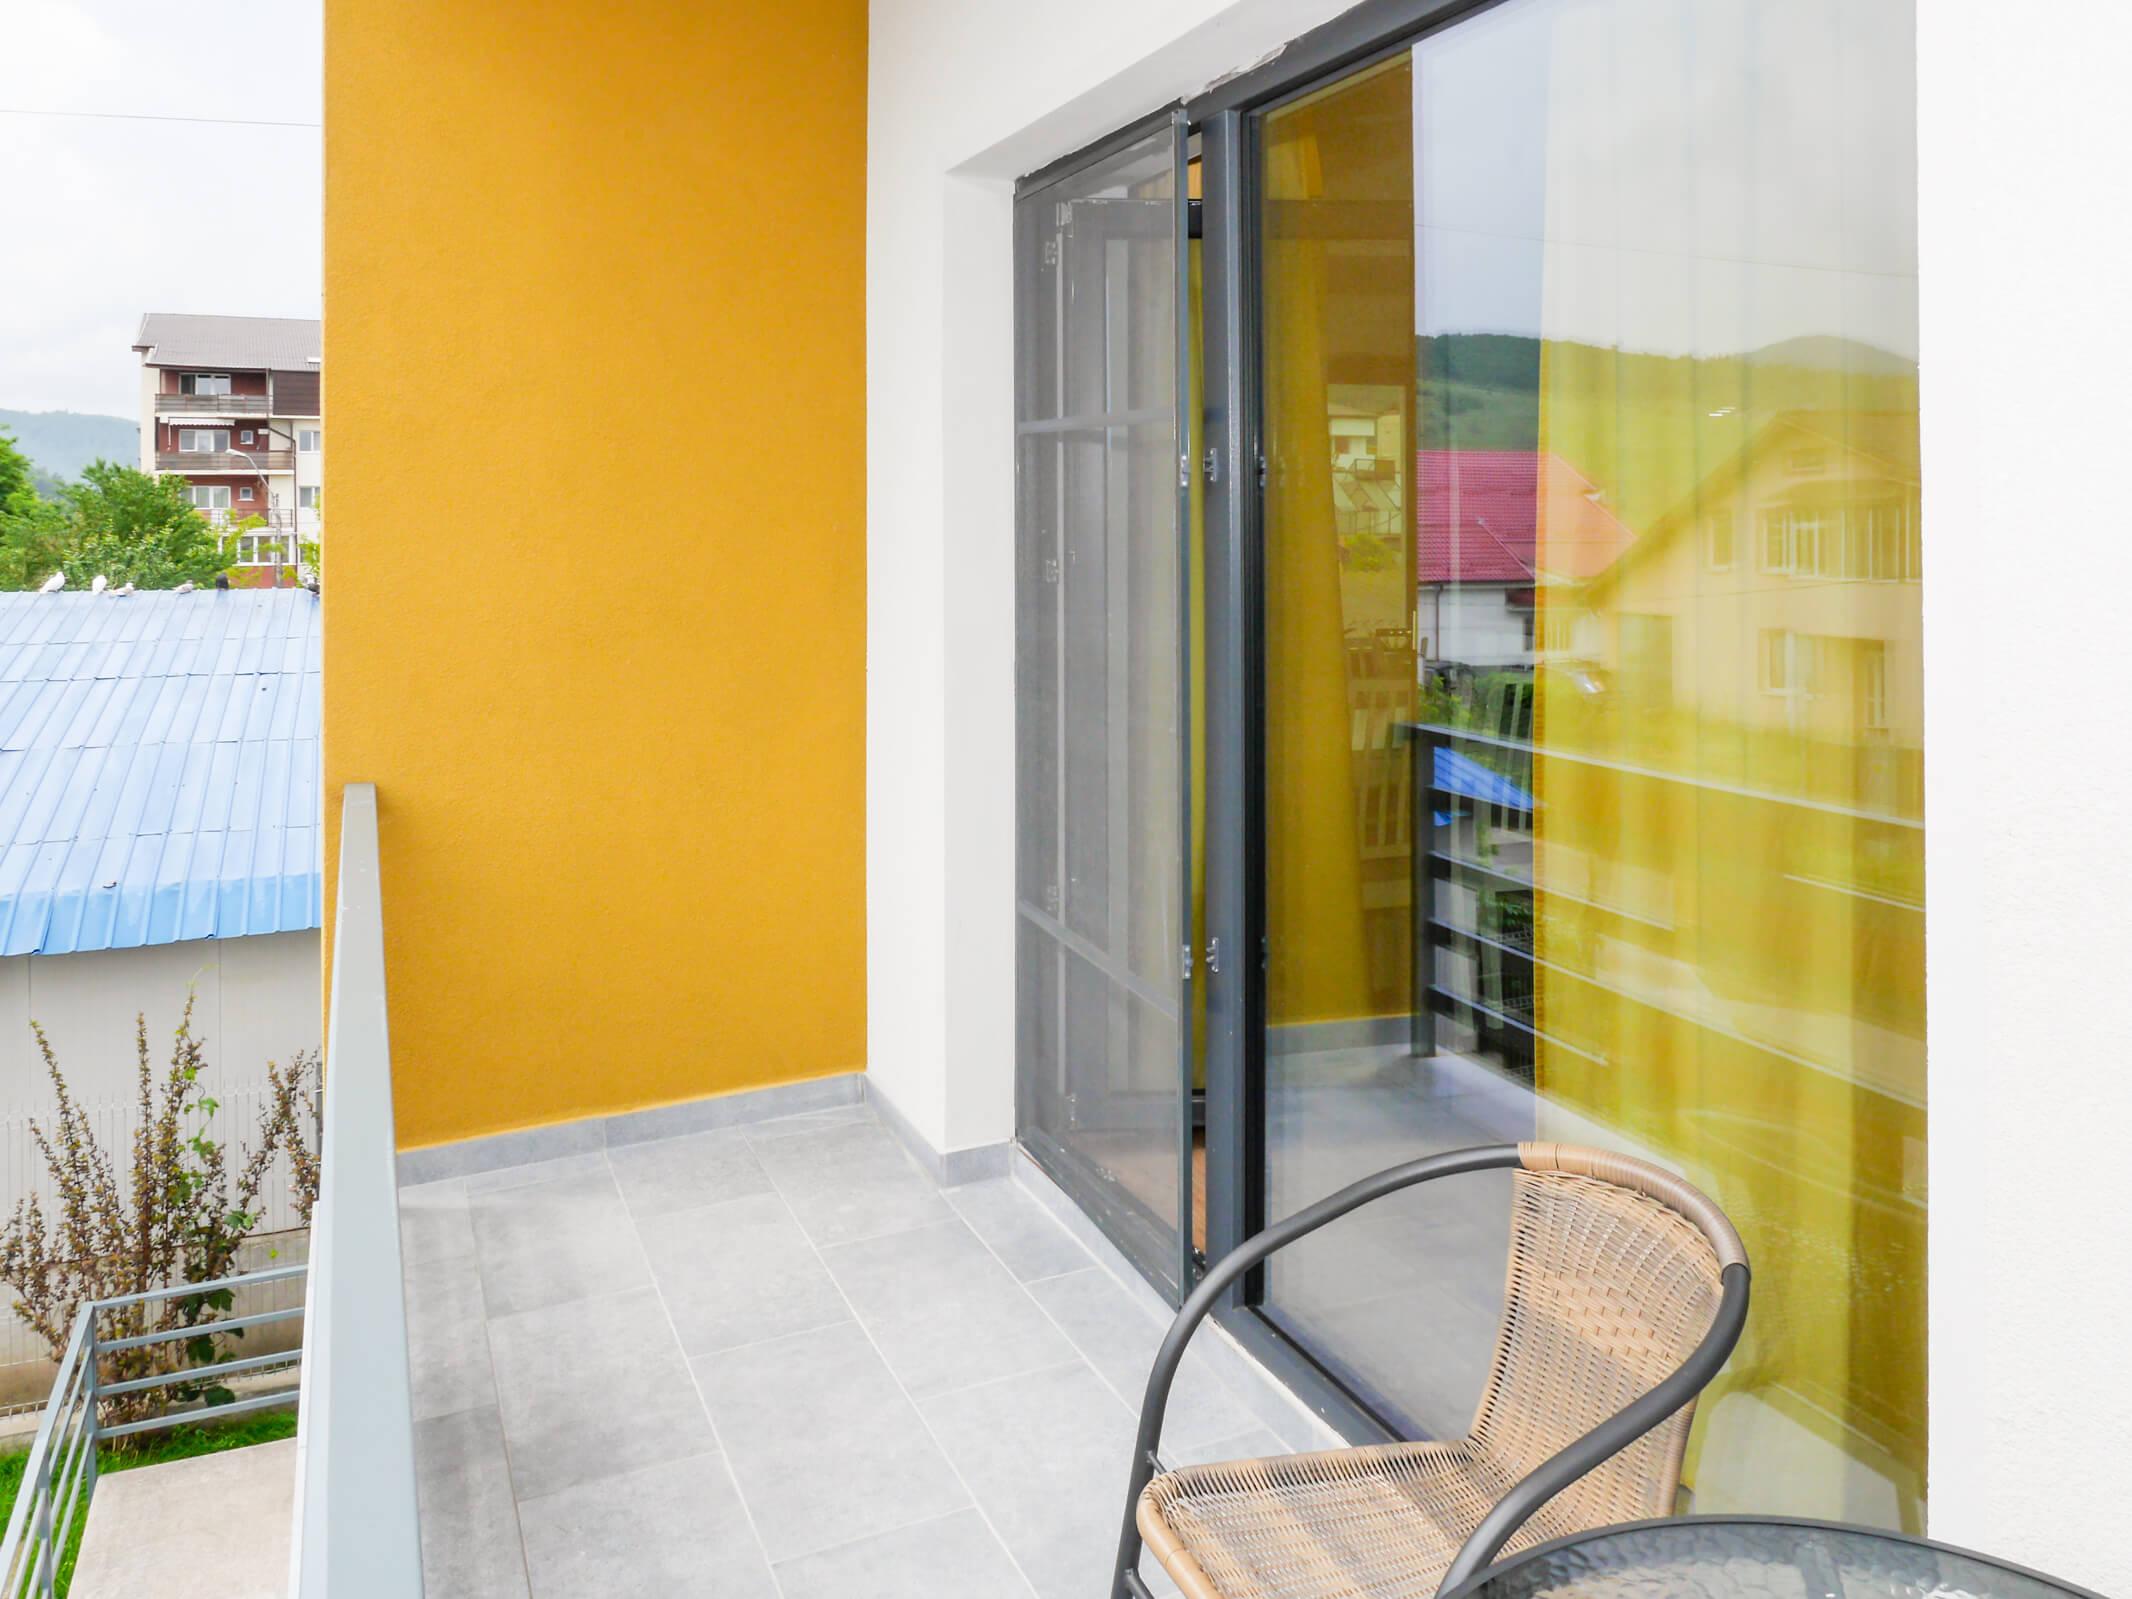 Clement Apartments - apartamente de inchiriat in regim hotelier - cazare neamt - cazare piatra neamt - apartament 7 (12)